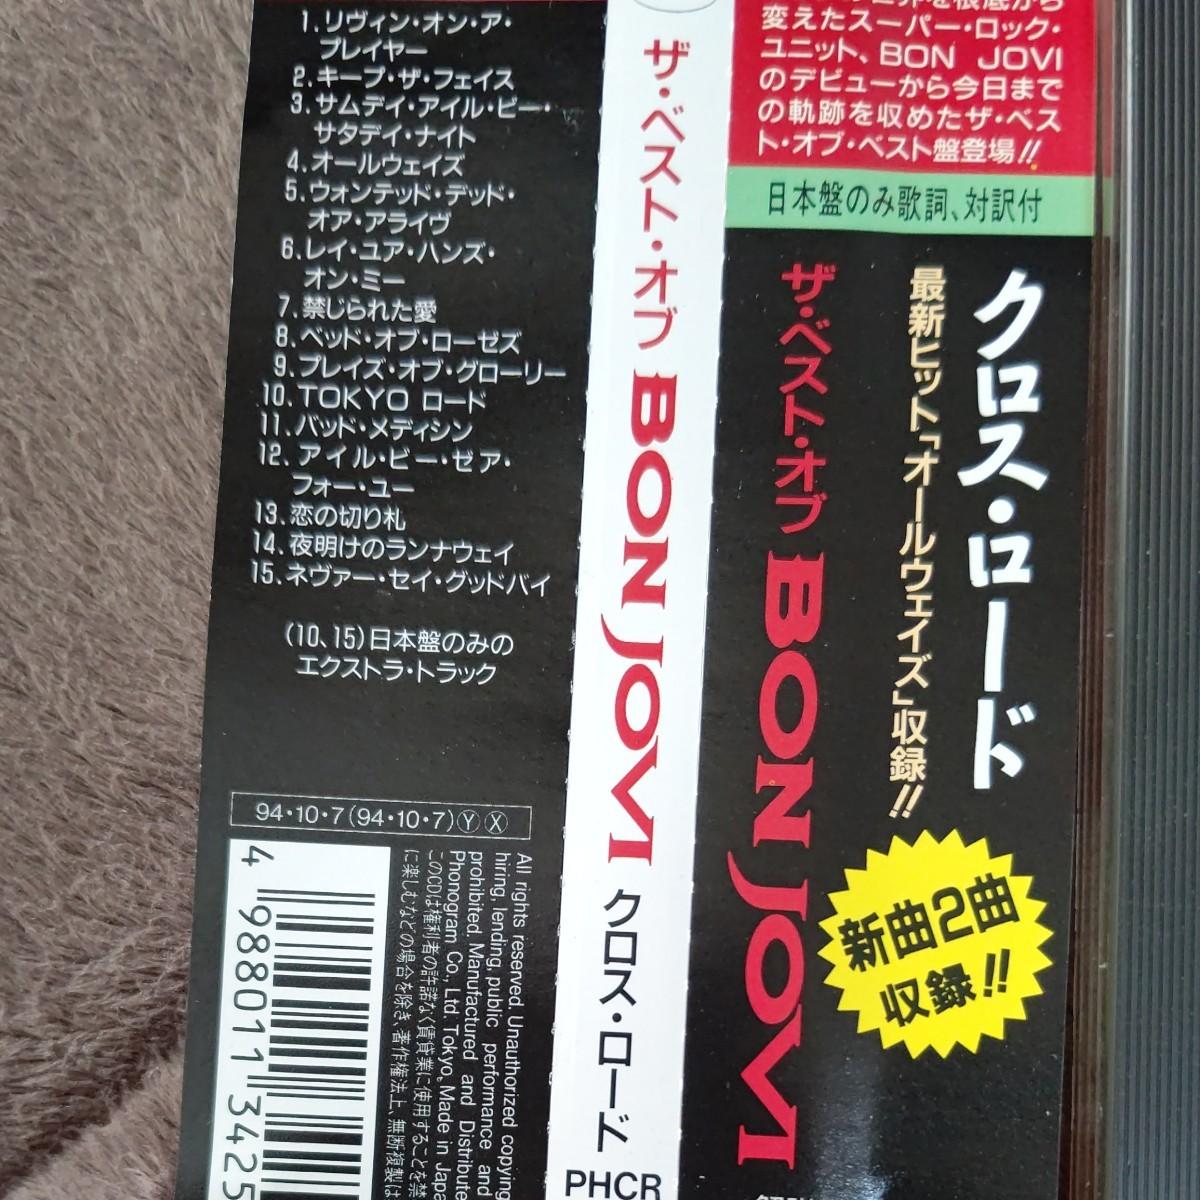 ザ ベスト オブ BON JOVI クロス ロード